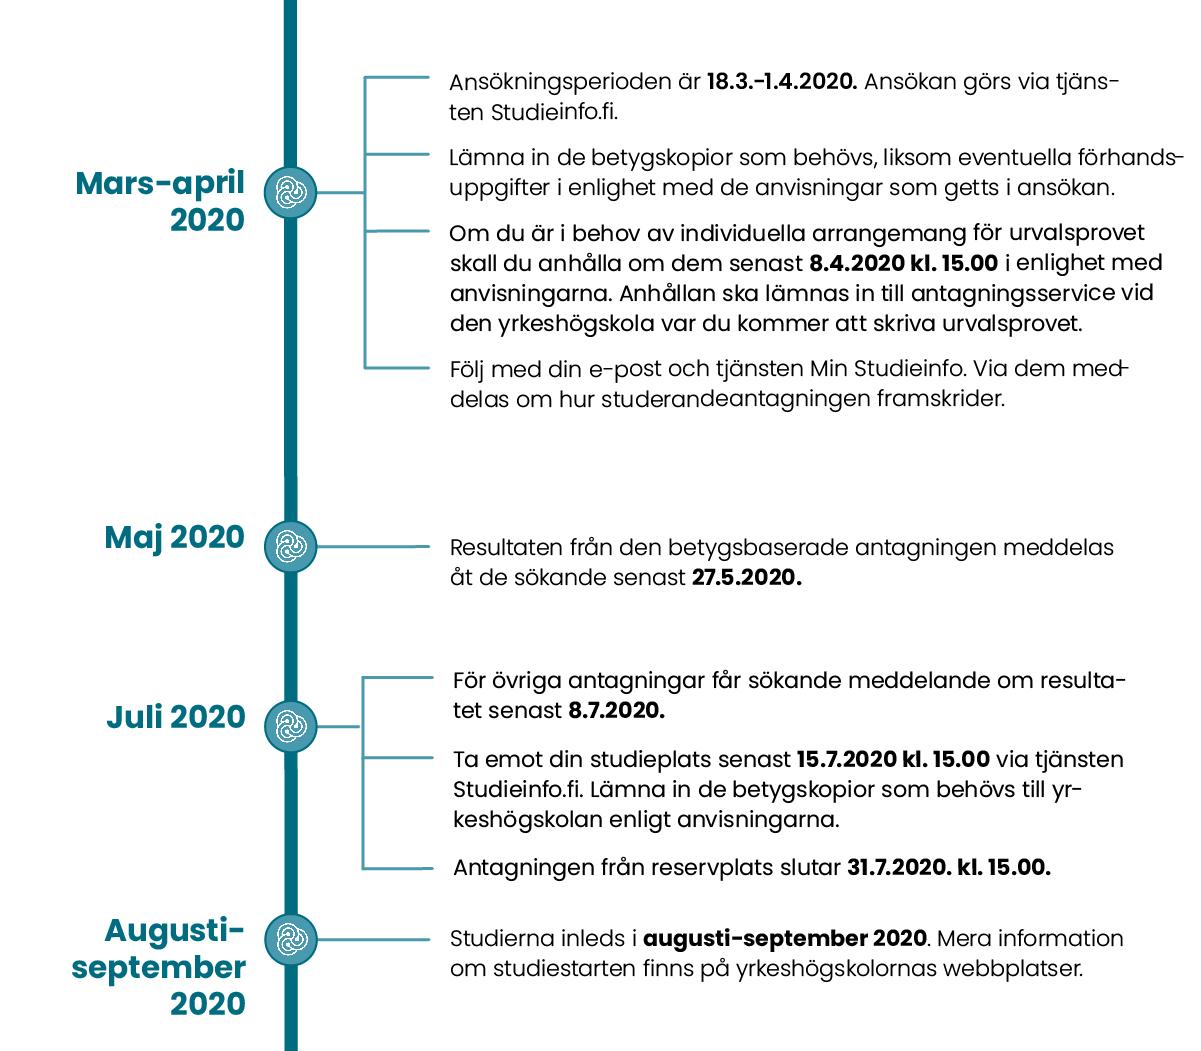 Vårens andra gemensamma ansökan 2020 och tidtabell för antagning Mars-april 2020 Ansökningsperioden är 18.3. kl. 8.00 – 1.4.2019 kl. 15.00. Ansökan görs via tjänsten Studieinfo.fi. Lämna in de betygskopior som behövs, liksom eventuella förhandsuppgifter i enlighet med de anvisningar som getts i ansökan.  Om du är i behov av individuella arrangemang för urvalsprovet skall du anhålla om dem senast 8.4.2020 kl. 15.00 i enlighet med anvisningarna. Anhållan ska lämnas in till antagningsservice vid den yrkeshögskola var du kommer att skriva urvalsprovet. Följ med din e-post och tjänsten Min Studieinfo. Via dem meddelas om hur studerandeantagningen framskrider. Maj 2020 Resultaten från den betygsbaserade antagningen meddelas åt de sökande senast 27.5.2020. Juli 2020 För övriga antagningar får sökande meddelande om resultatet senast 8.7.2020. Ta emot din studieplats senast 15.7.2020 kl. 15.00 via tjänsten Studieinfo.fi. Lämna in de betygskopior som behövs till yrkeshögskolan enligt anvisningarna. Antagningen från reservplats slutar 31.7.2020. kl. 15.00. Augusti-september 2020 Studierna inleds i augusti-september 2020. Mera information om studiestarten finns på yrkeshögskolornas webbplatser.